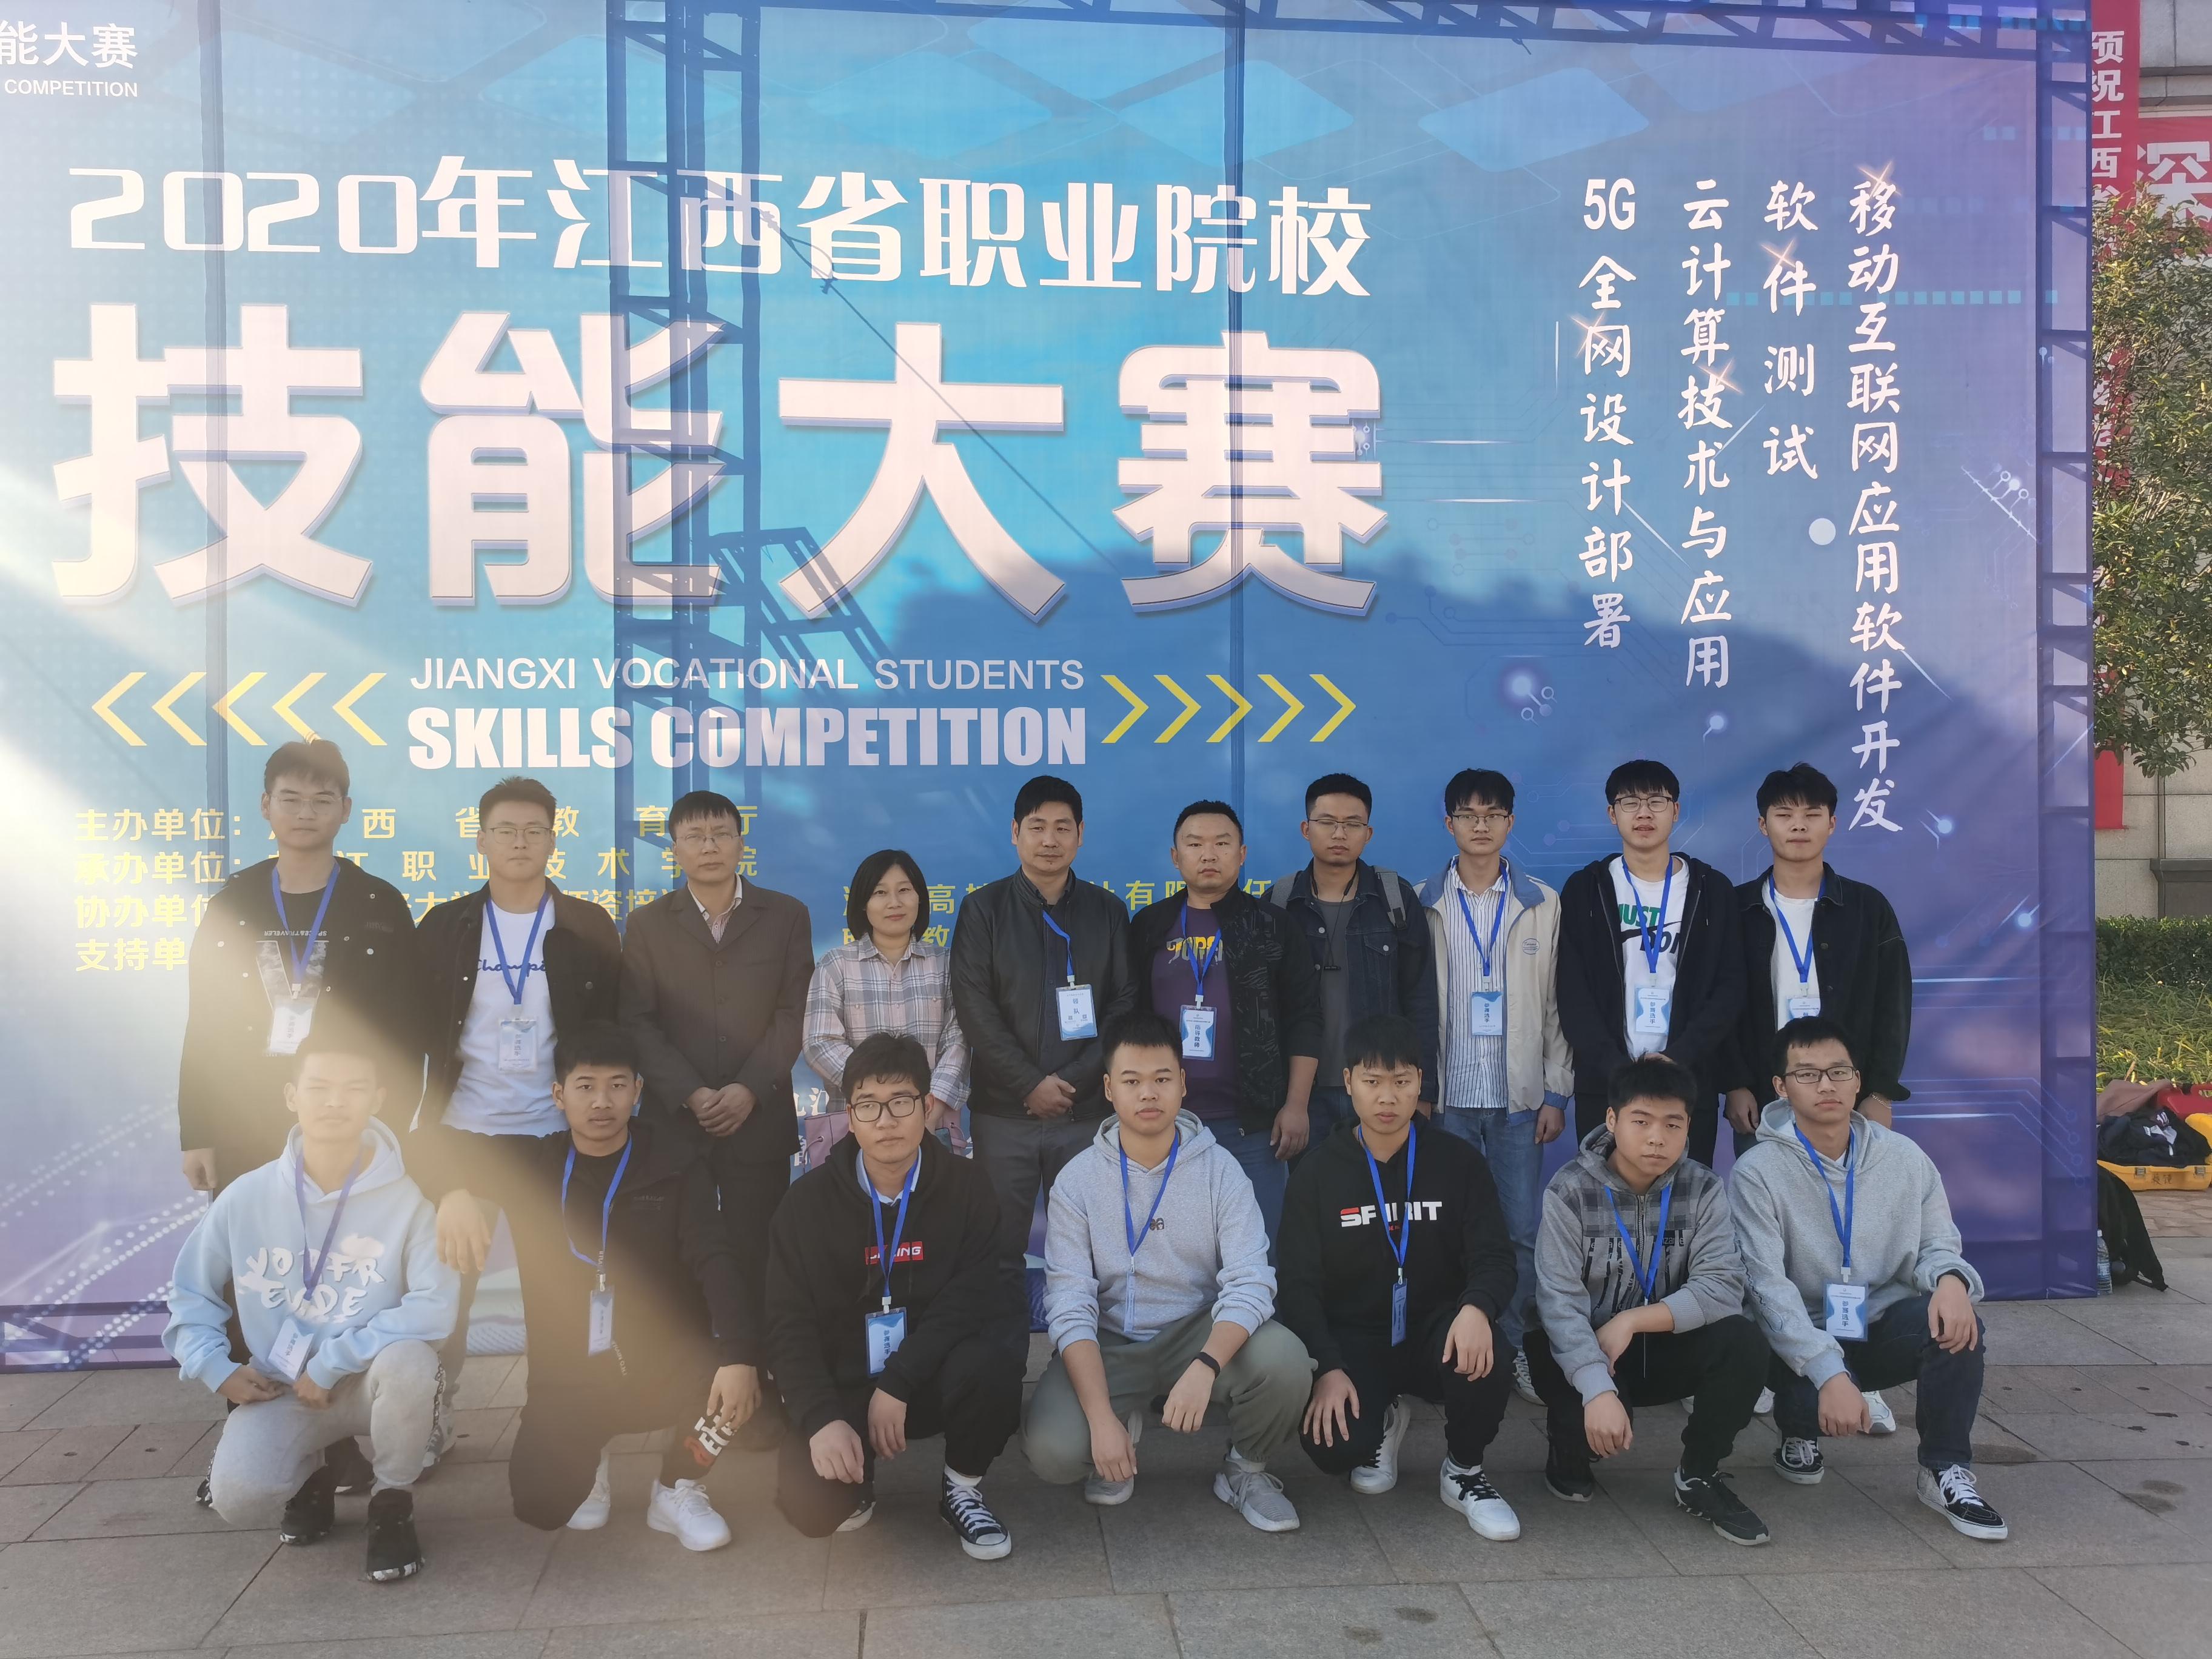 江西外语外贸职业学院在江西省职业院校技能大赛中再获佳绩